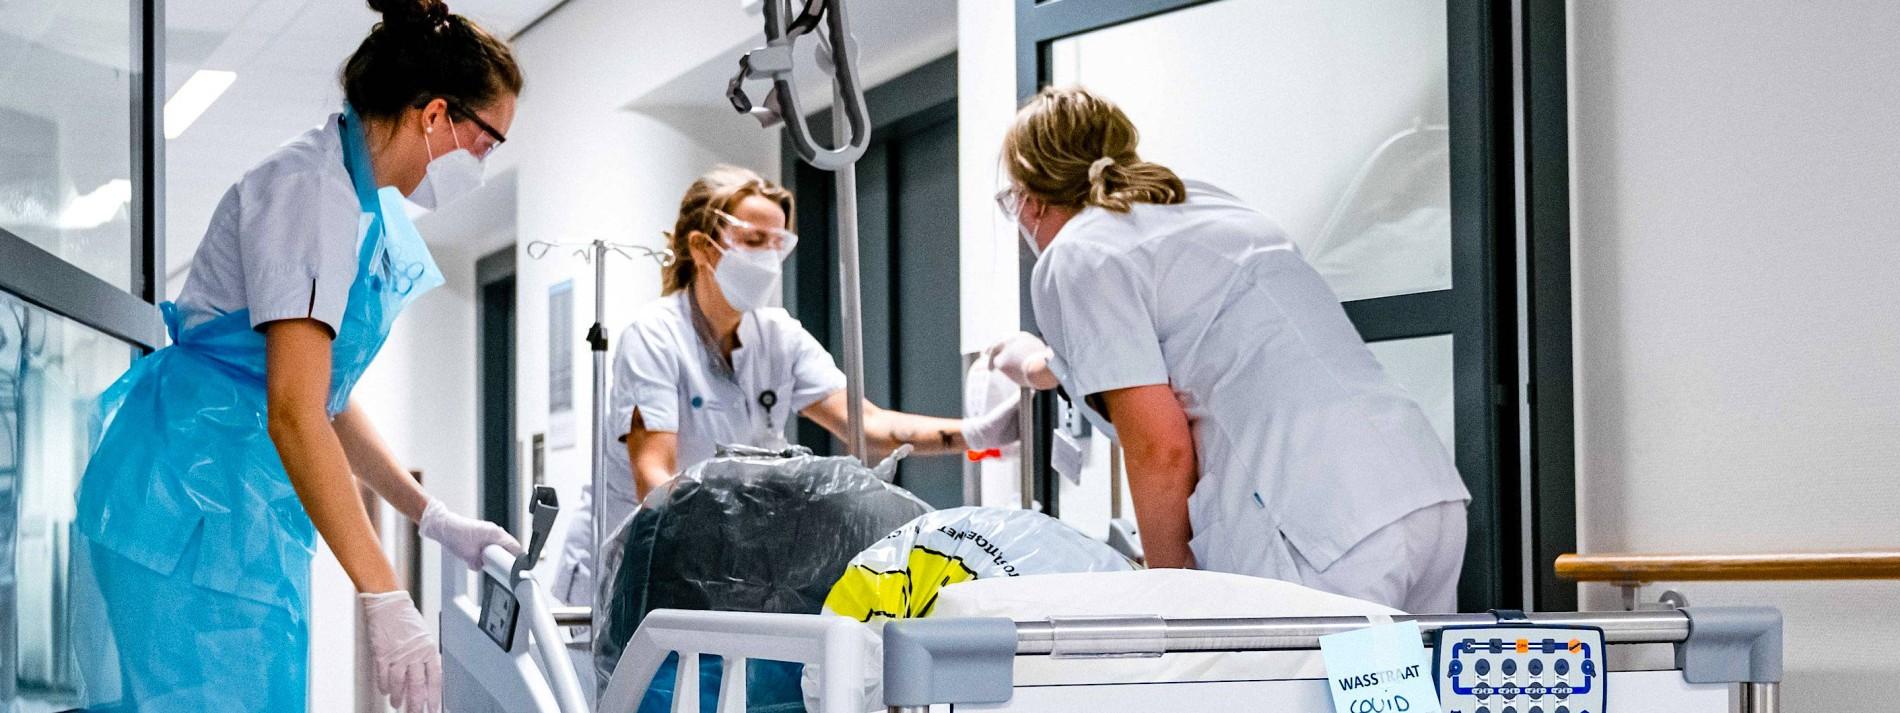 Bekommen Pflegekräfte bald mehr Geld?